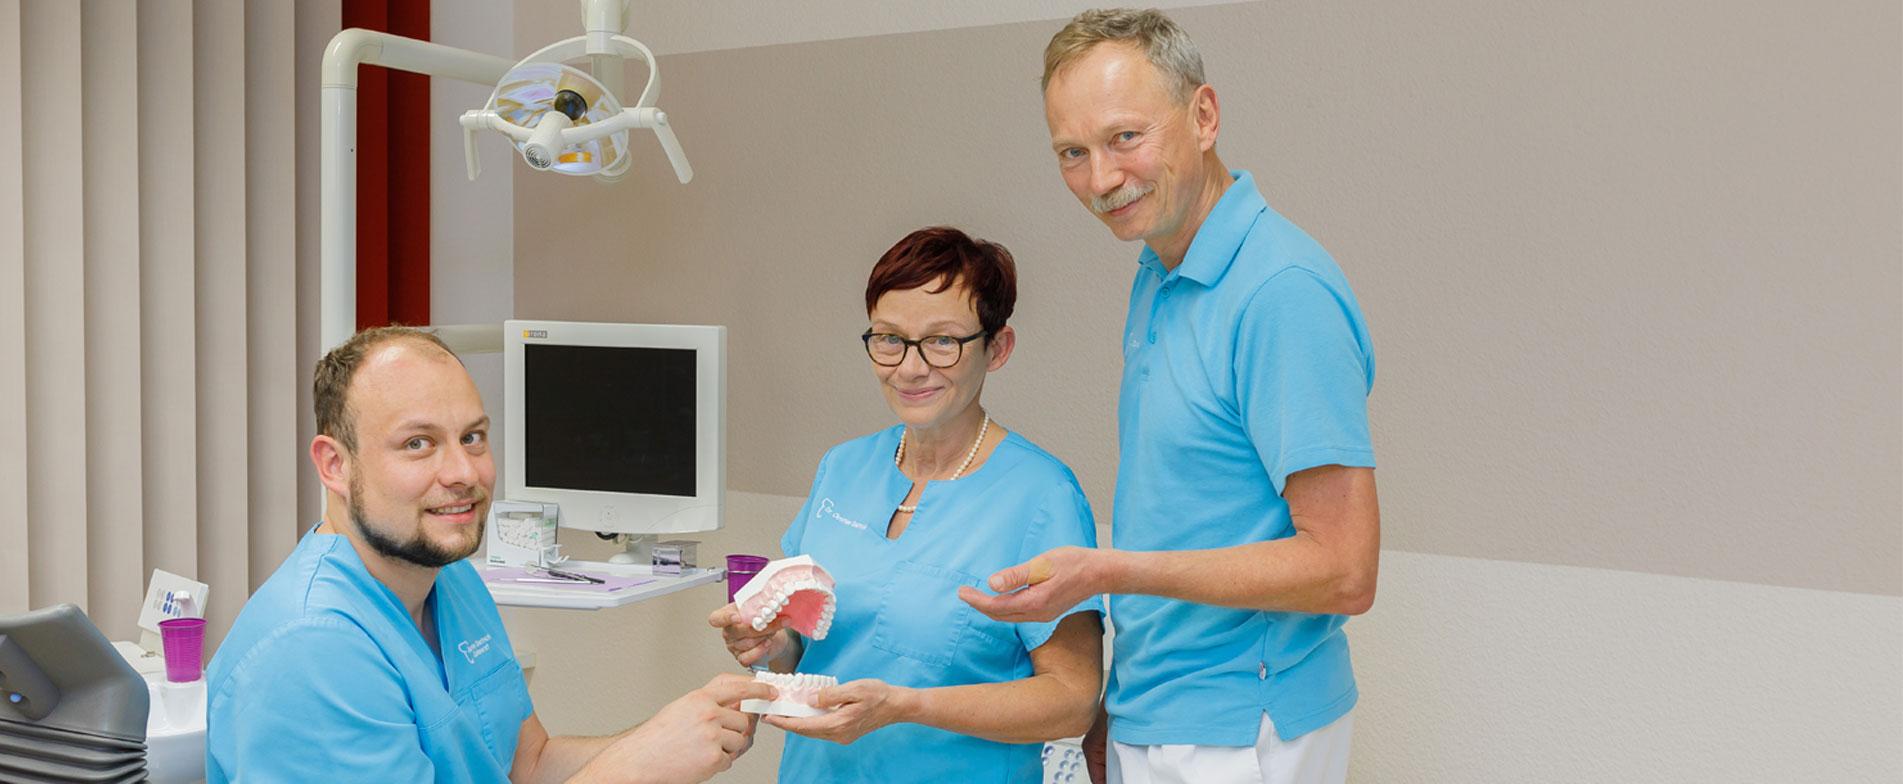 Zahnarztpraxis Dres. Dietrich - Ihre Familien-Zahnarztpraxis in Erfurt